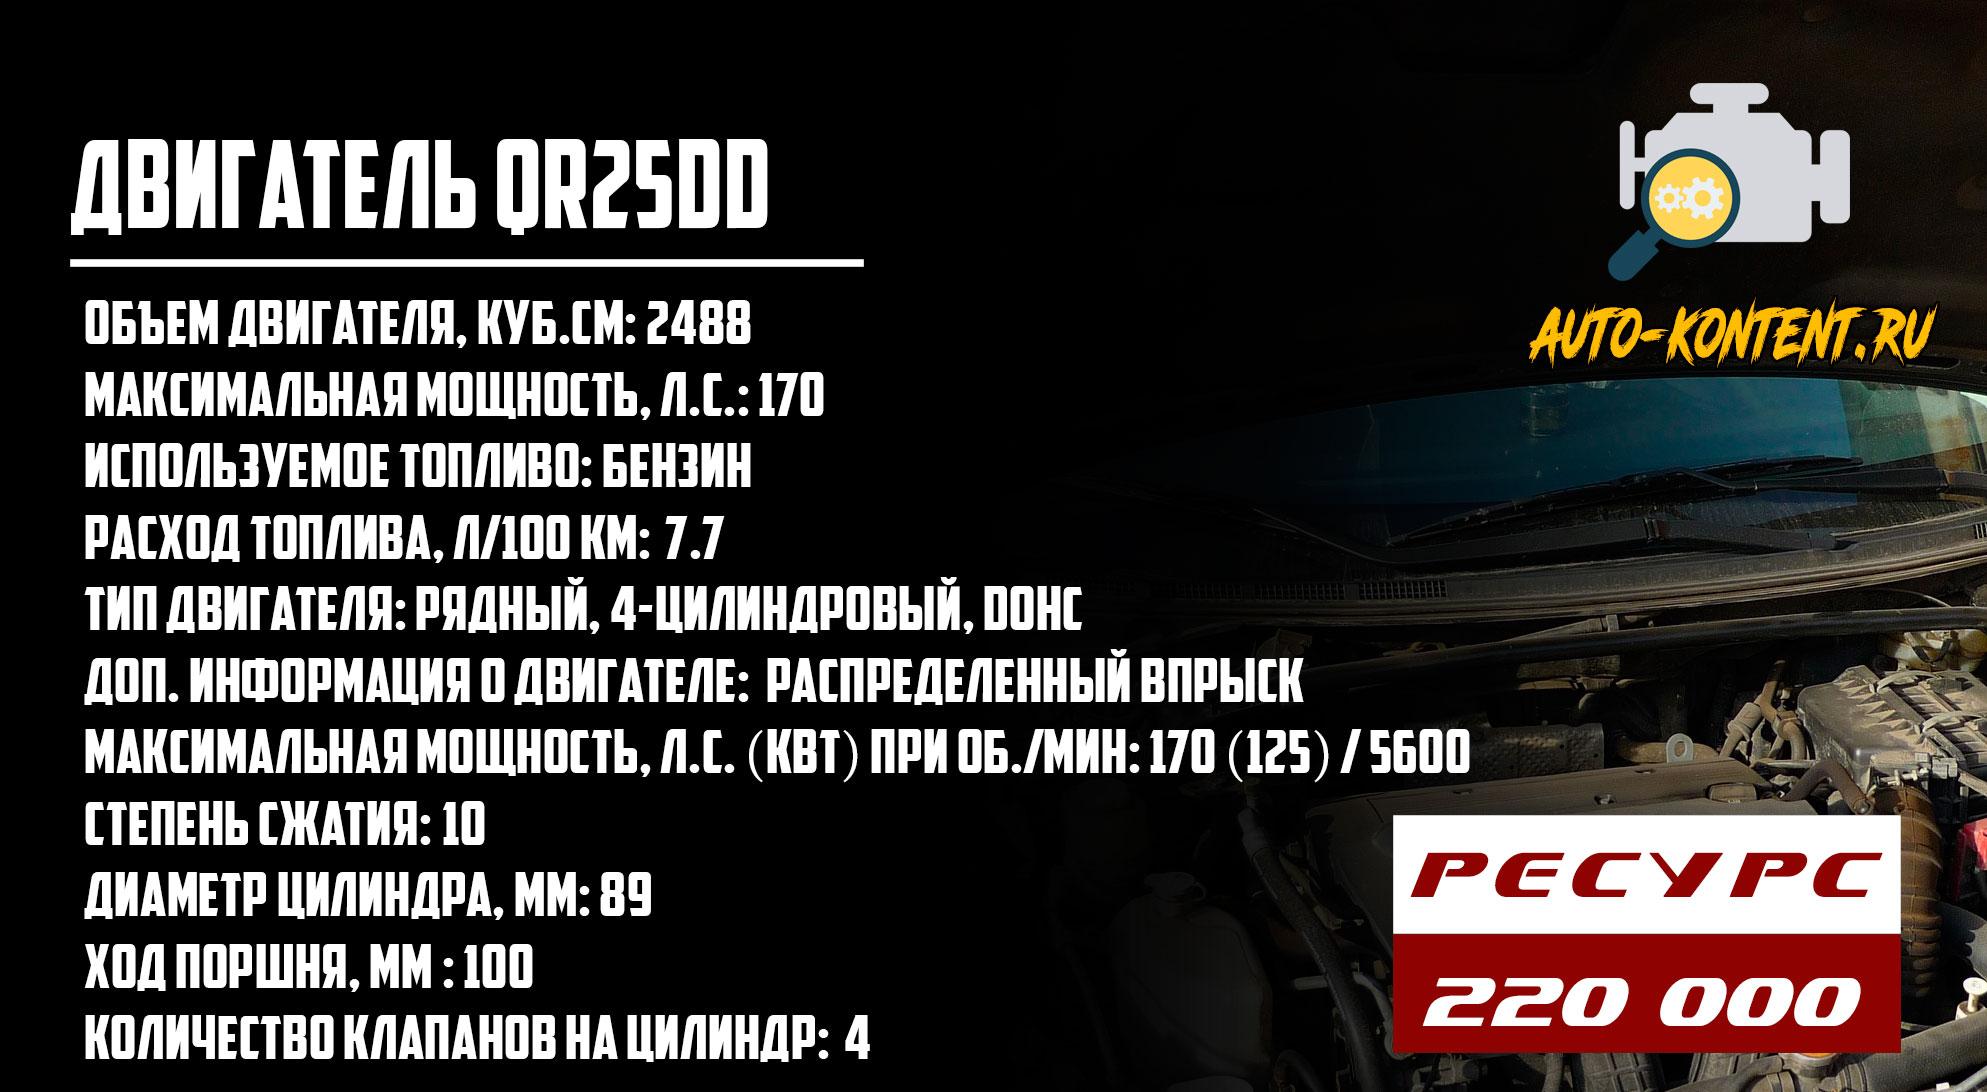 QR25DD